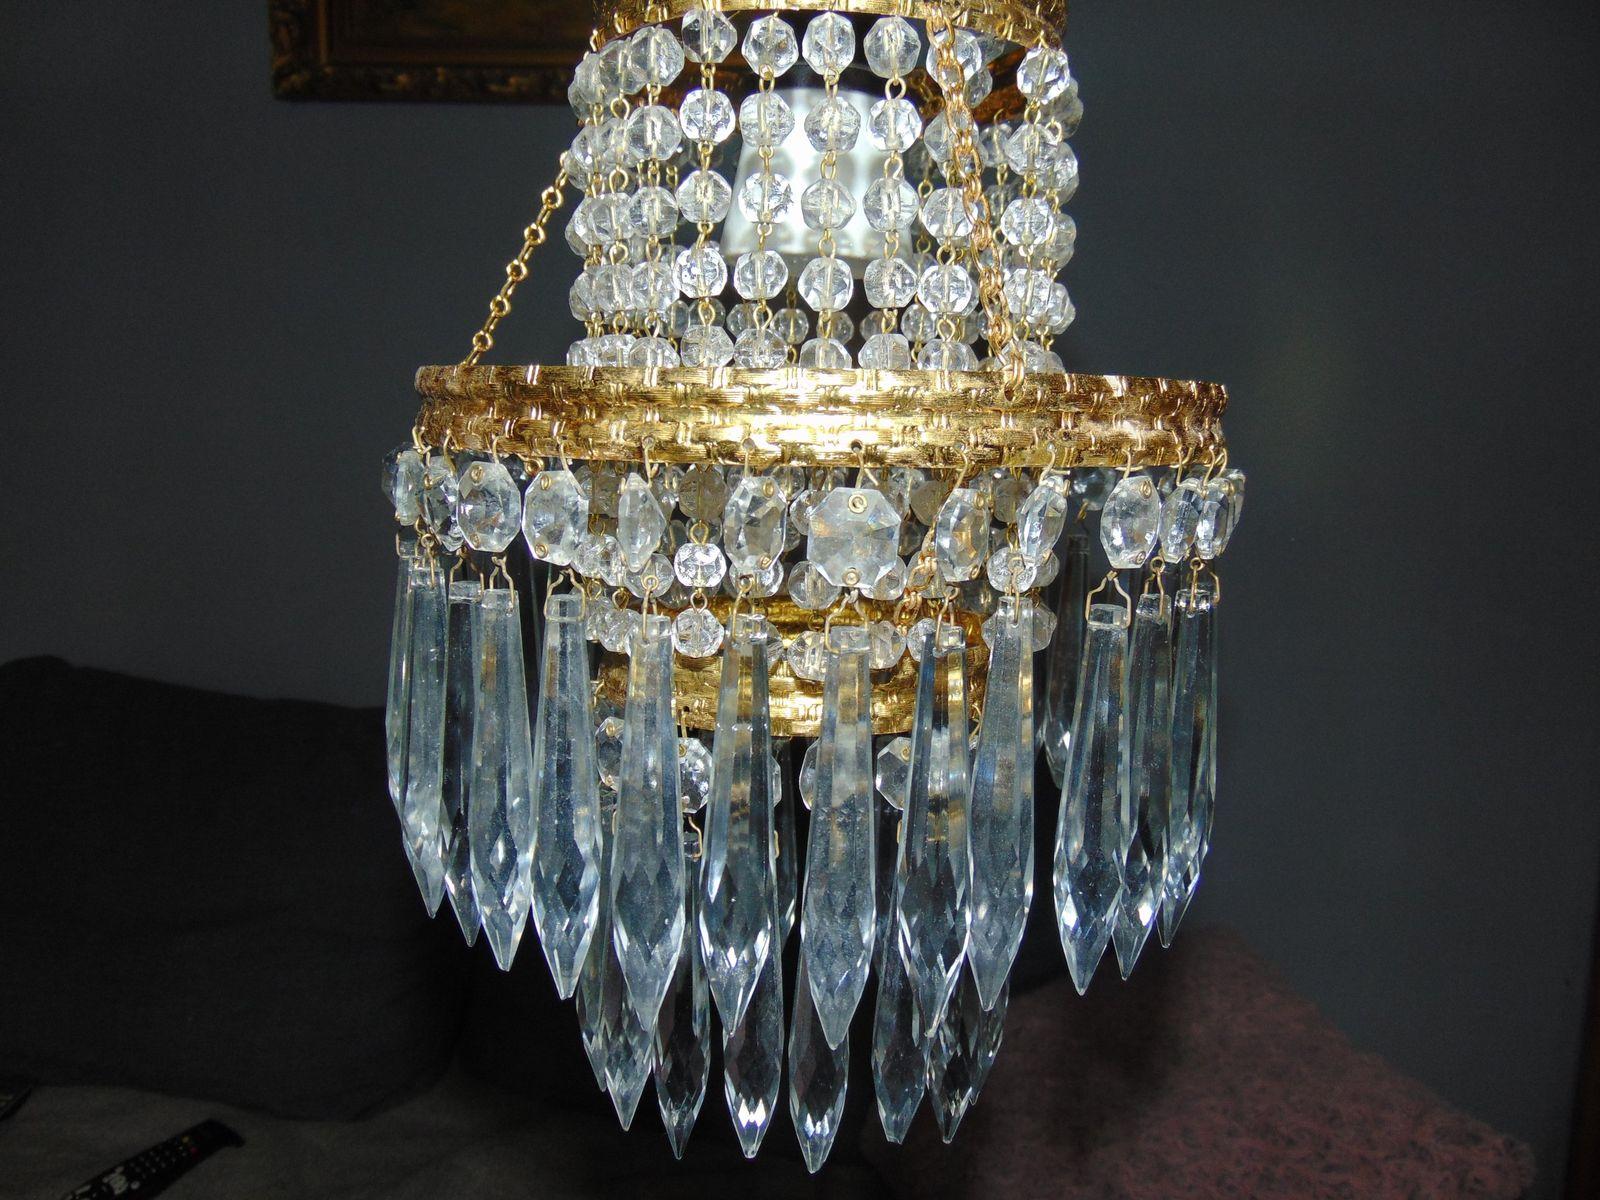 Lampe suspension en cristal de jablonec vintage en vente - Suspension en cristal ...